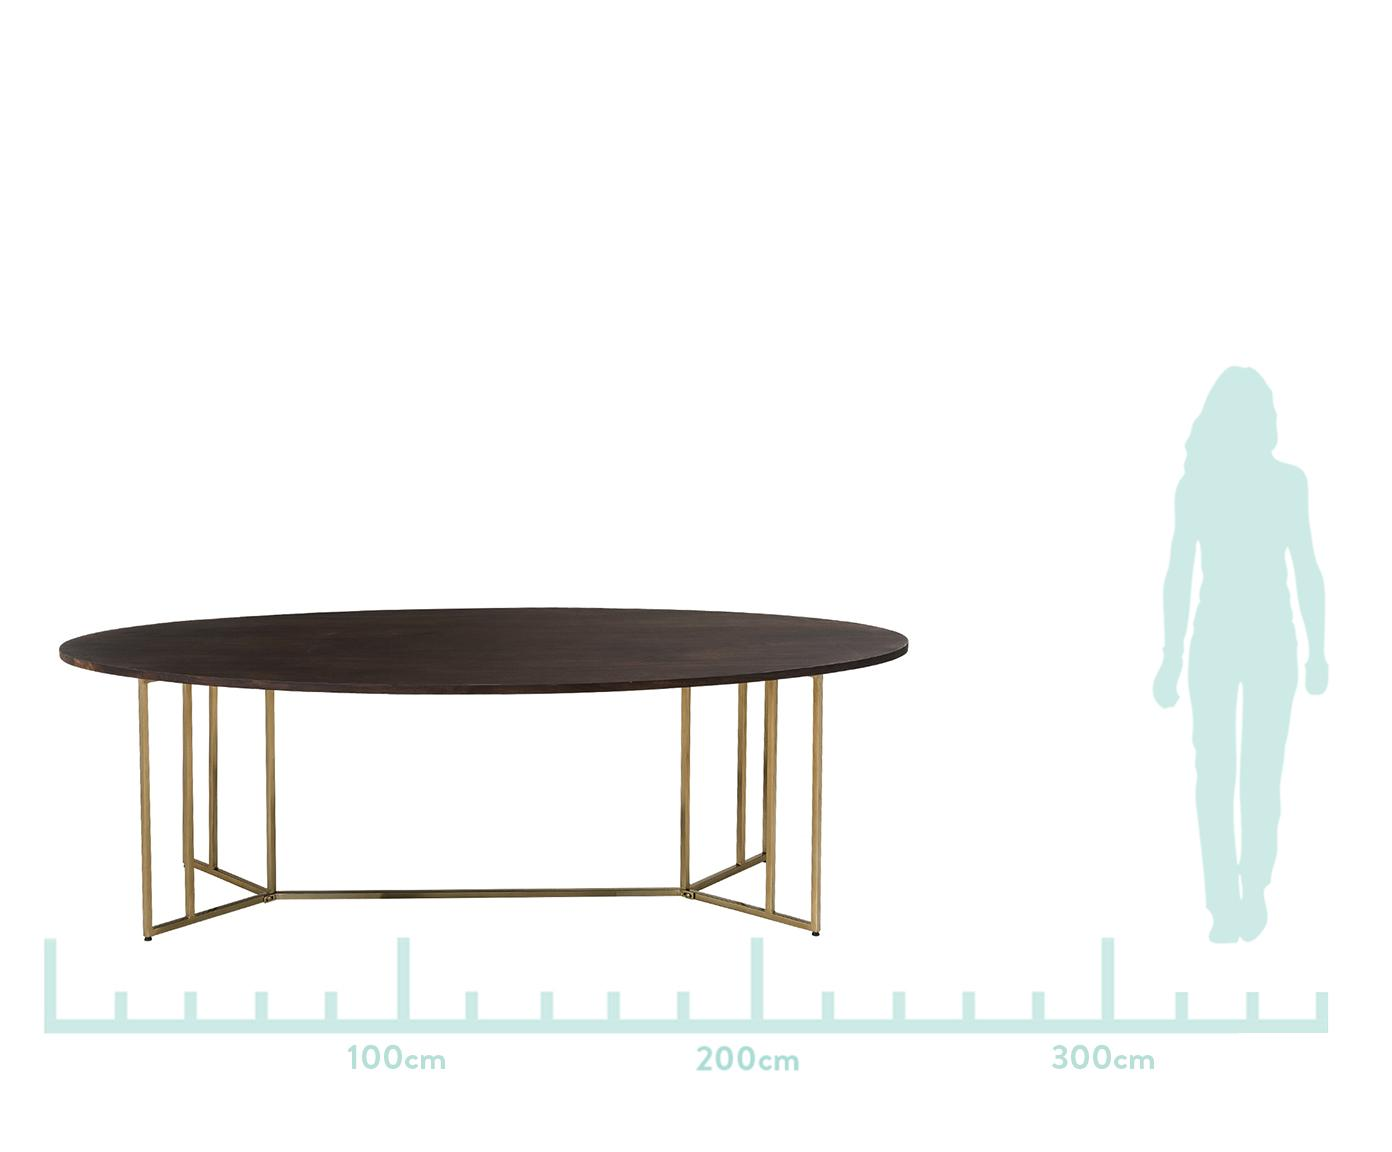 Owalny stół do jadalni z blatem z litego drewna Luca, Blat: drewno mangowe, Stelaż: metal powlekany, Blat: drewno mangowe, ciemny, lakierowany Stelaż: odcienie złotego, S 240 x G 100 cm